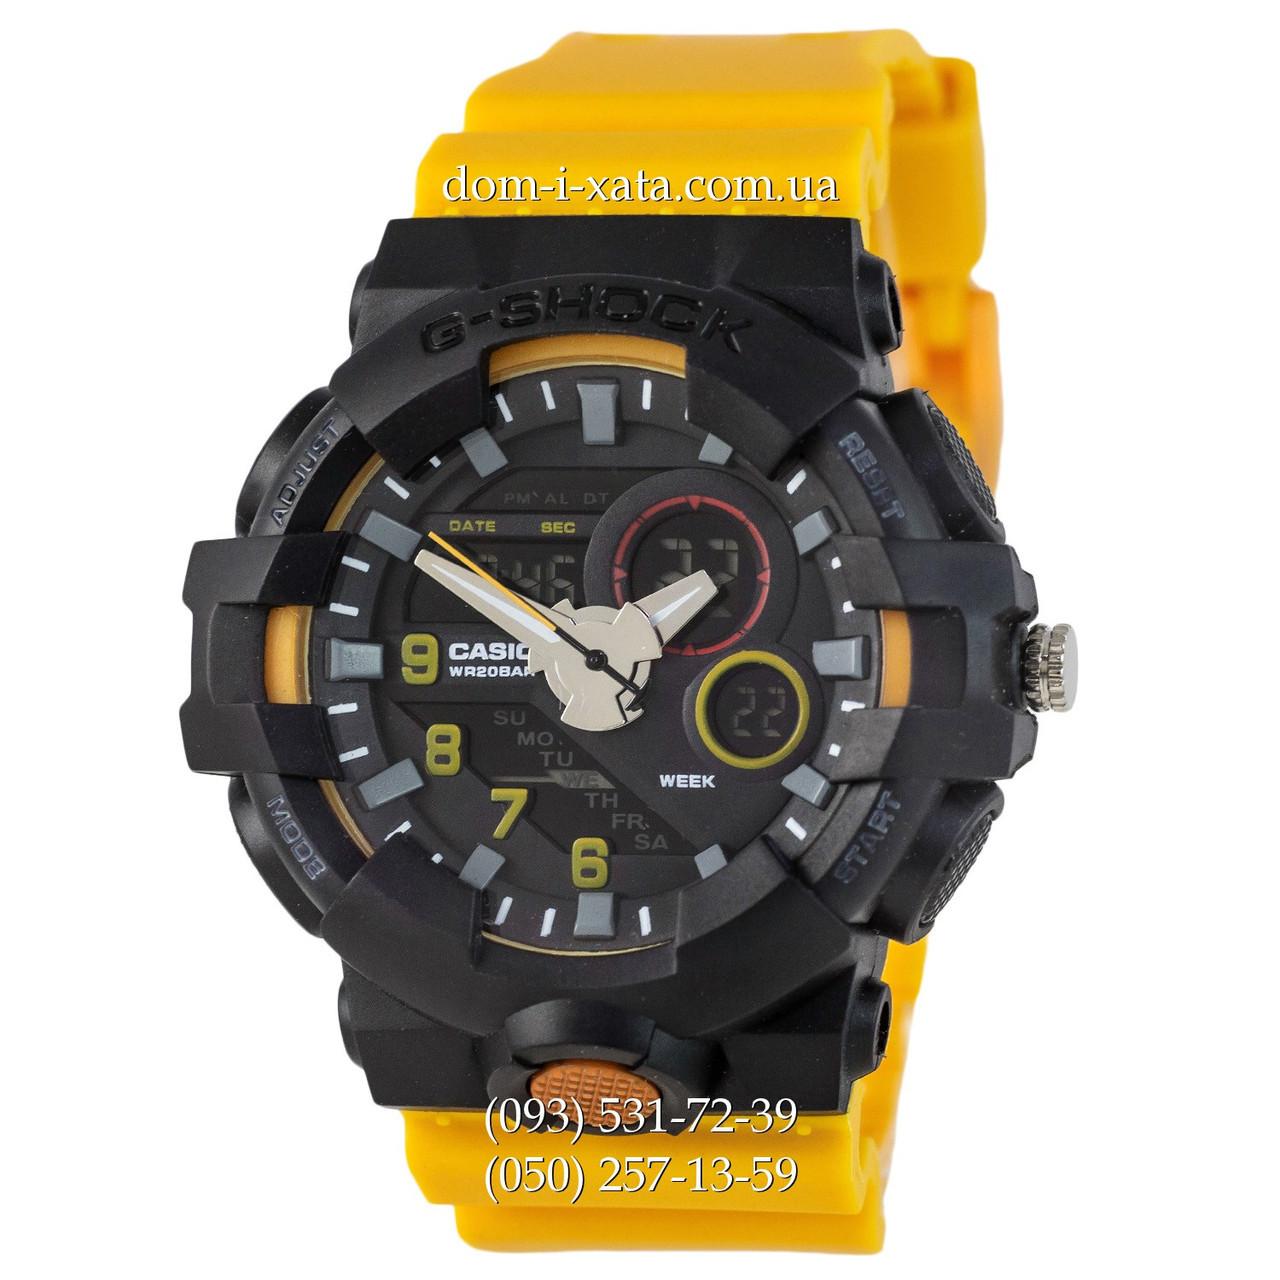 Электронные часы G-Shock Casio GWL-50 Black-Yellow Wristband, спортивные часы Джи Шок черный-желтый , реплика отличное качество!